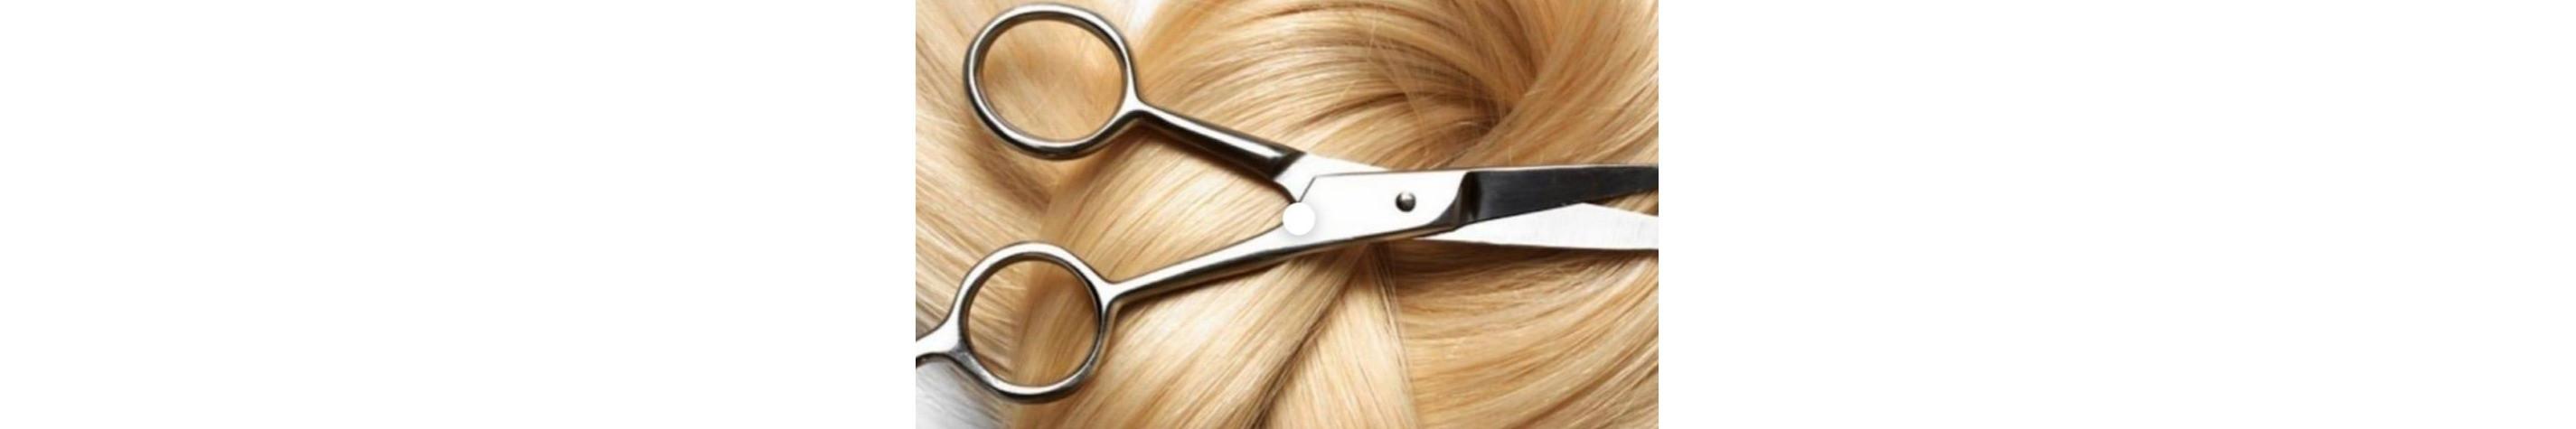 Servicios de peluquería a domicilio